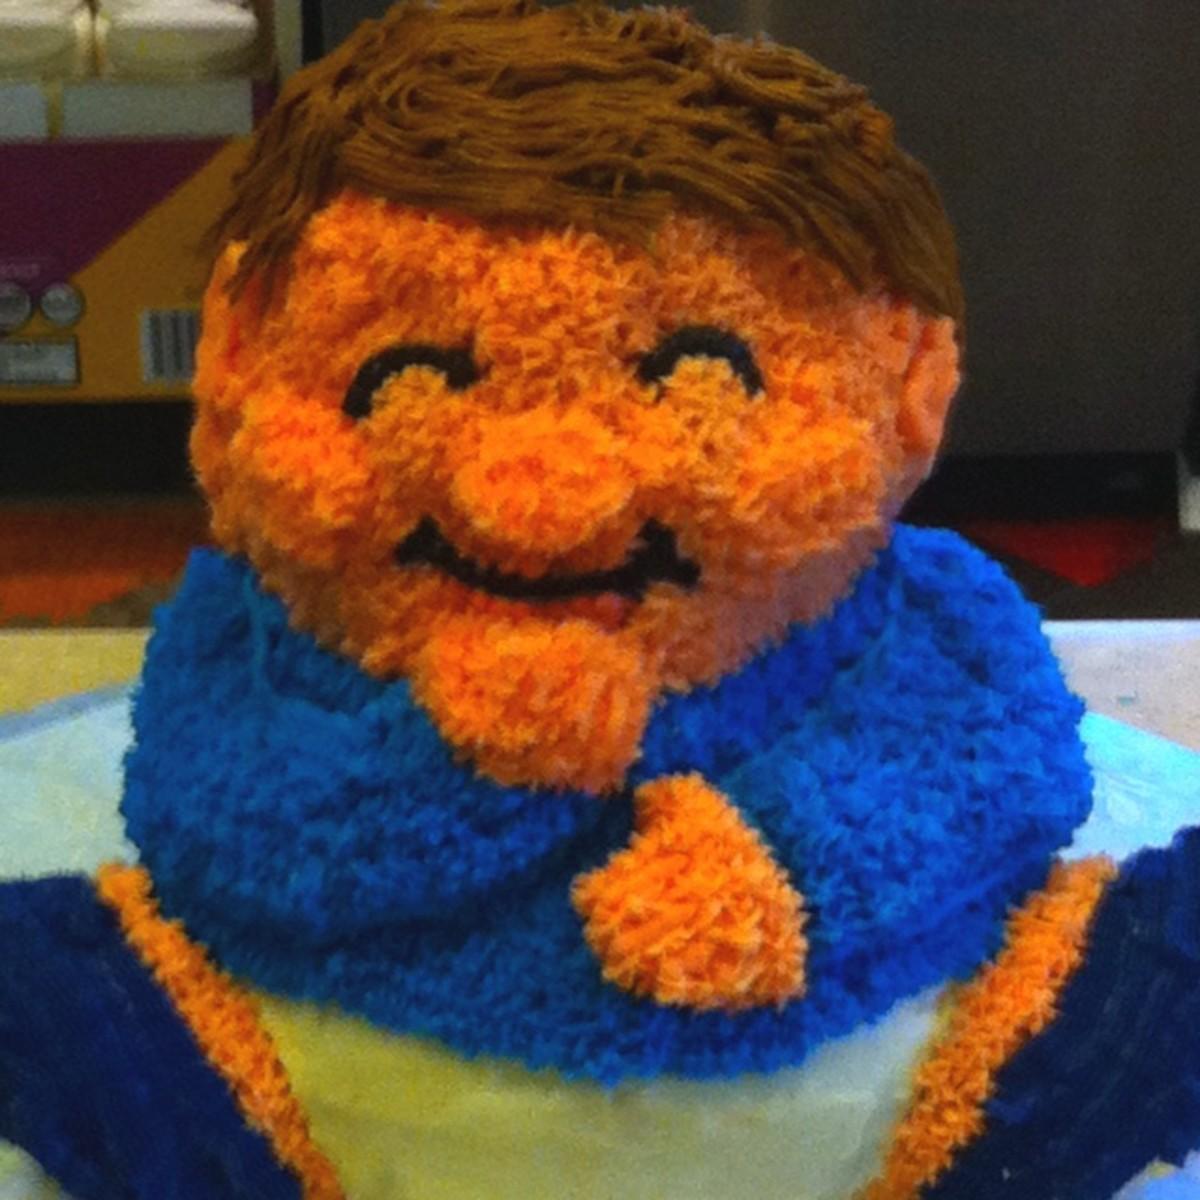 Cute Baby Cake!